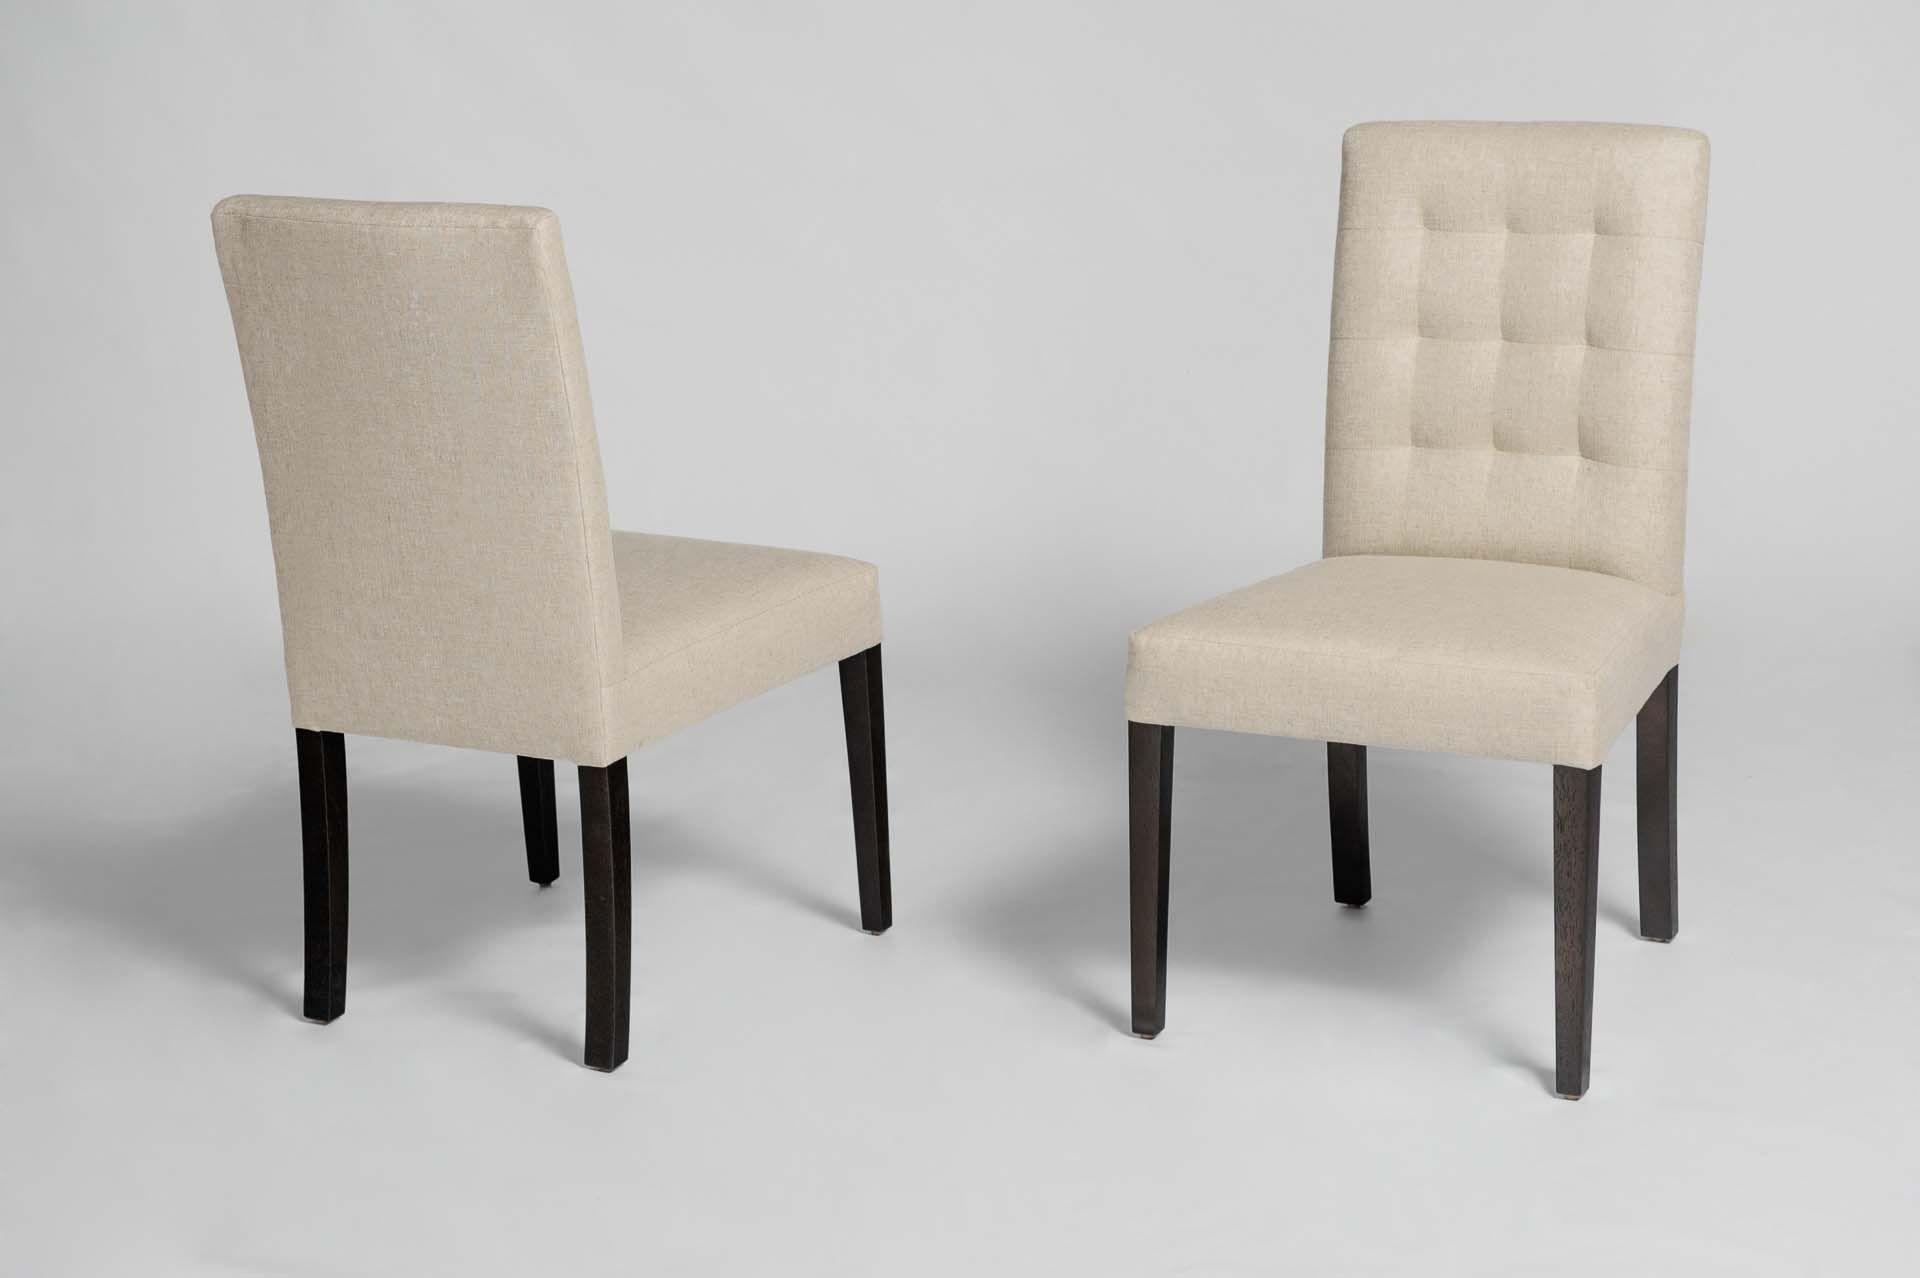 Silla opera capitoneada by studionoa sillas comedor for Comedores a buen precio